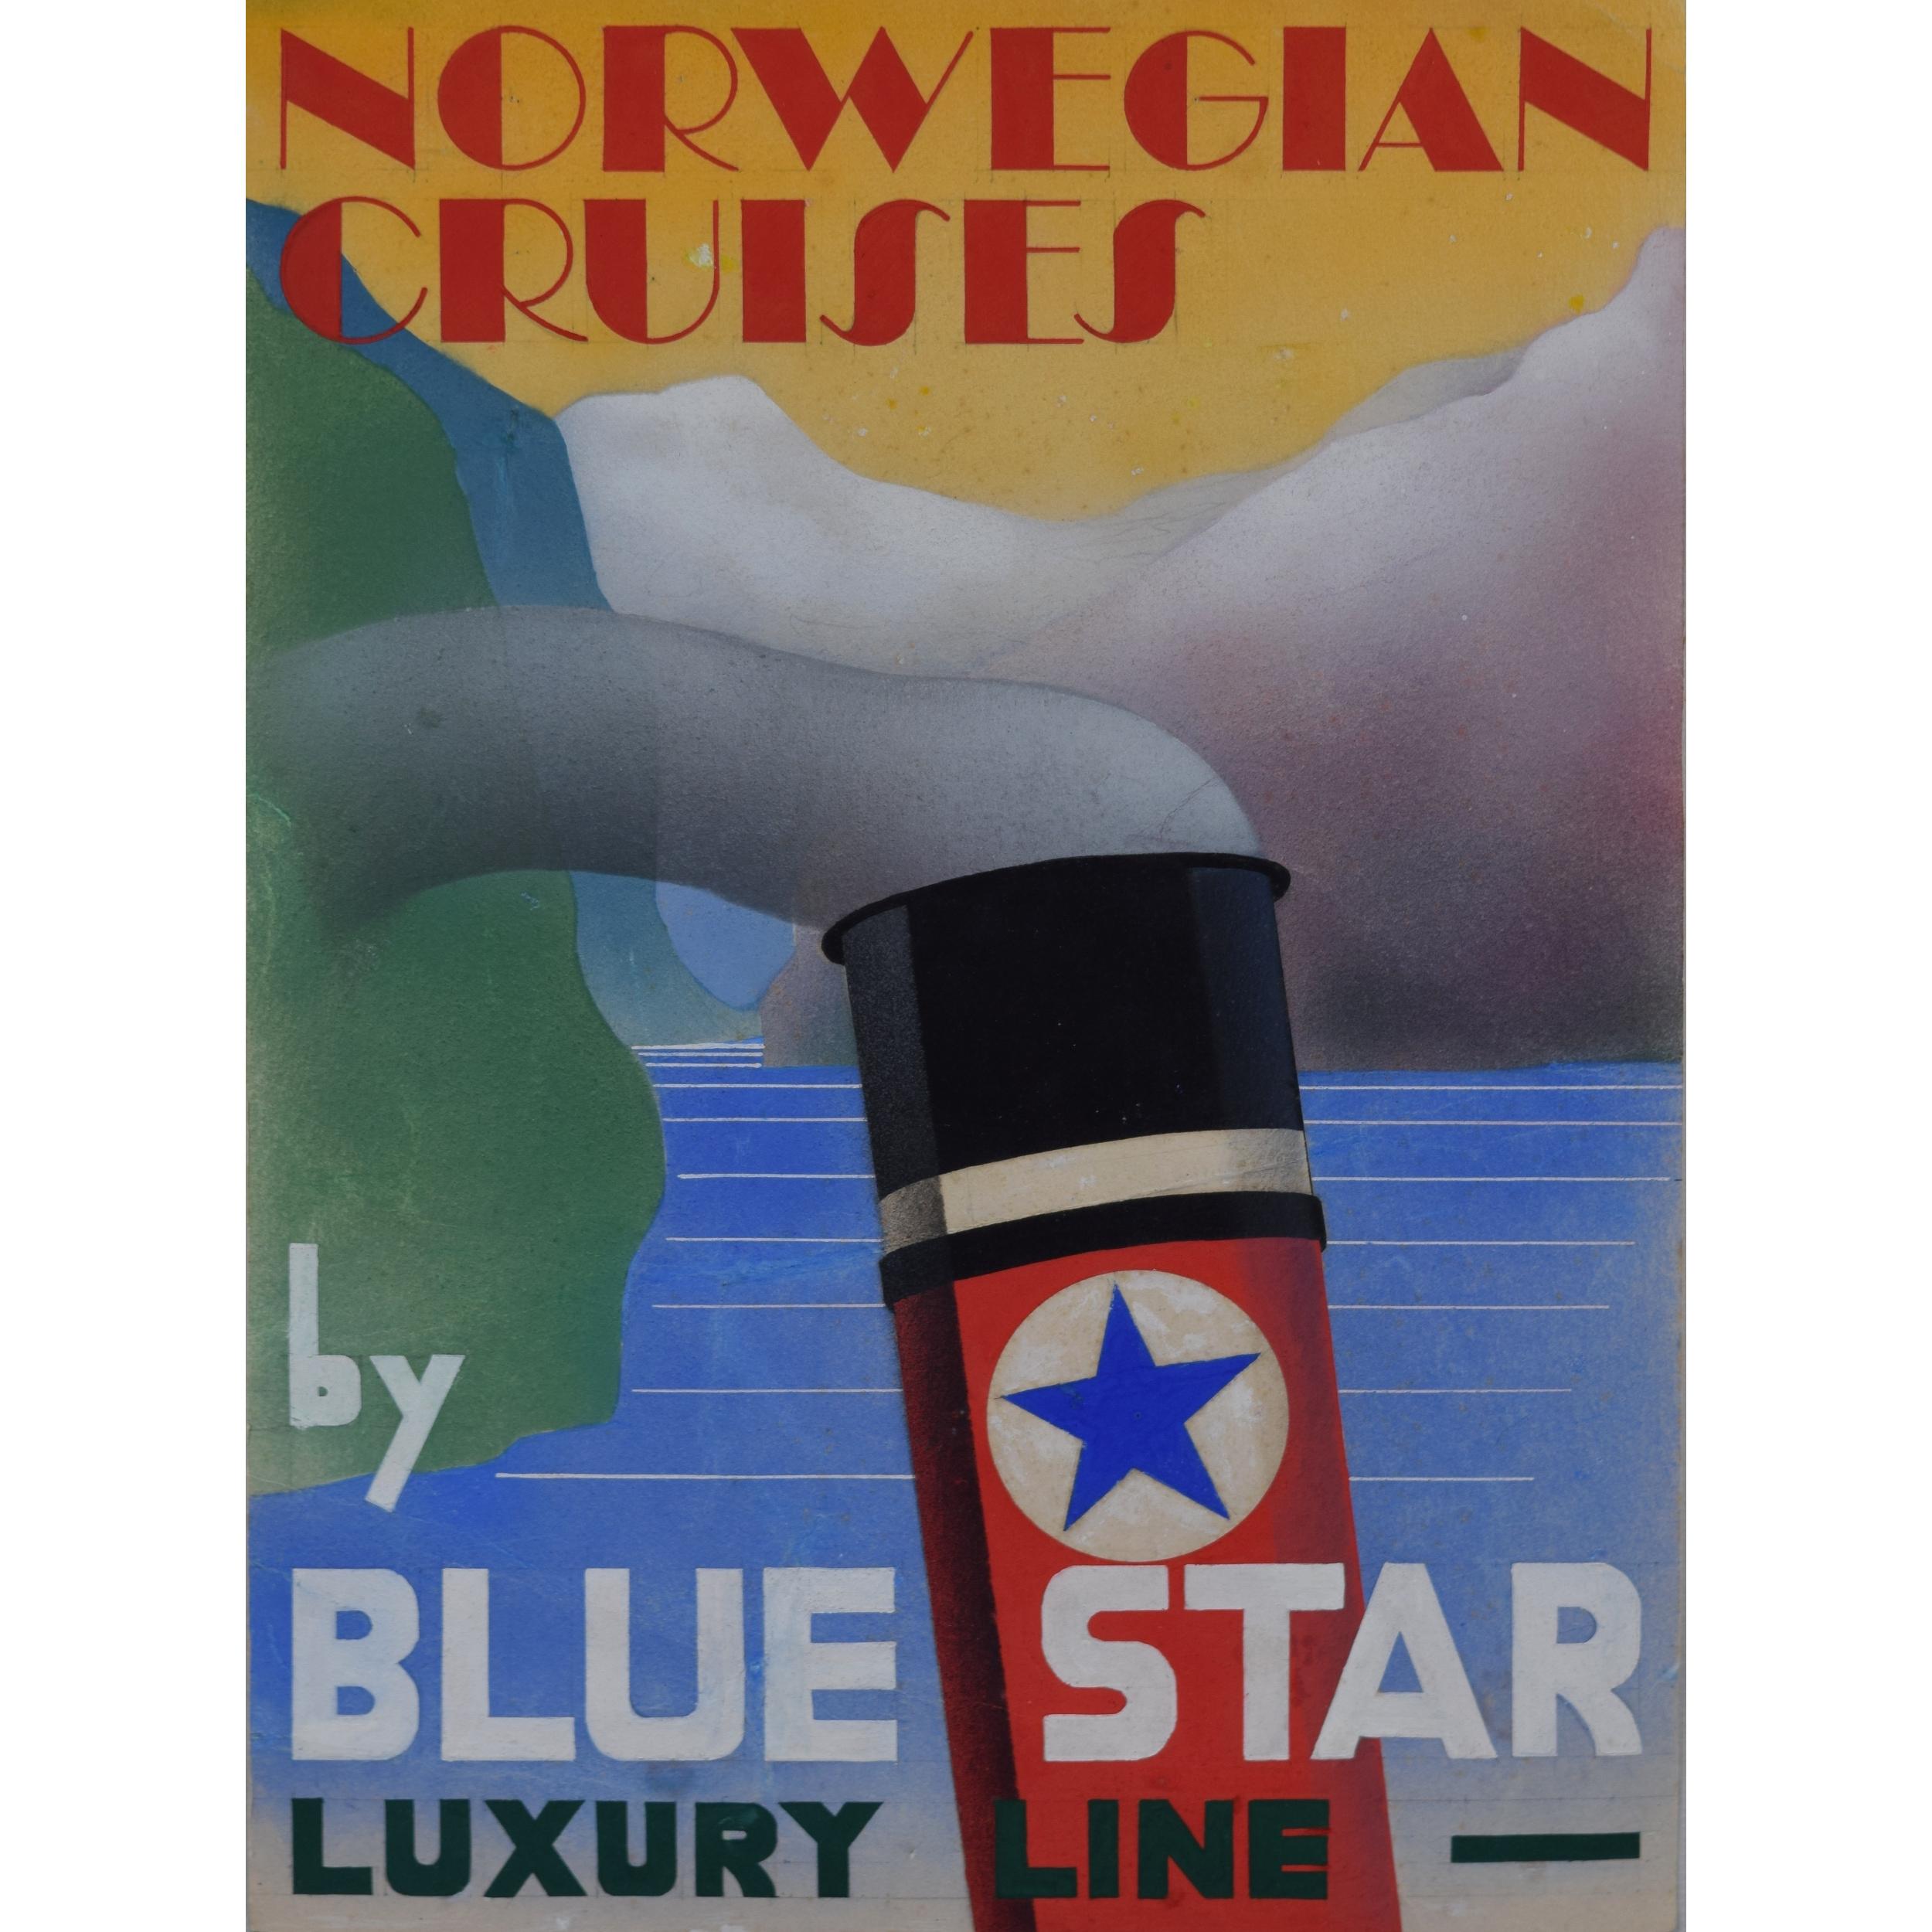 1930s Design Advertising Art Deco Poster Design Norwegian Cruises Blue Star Line for sale